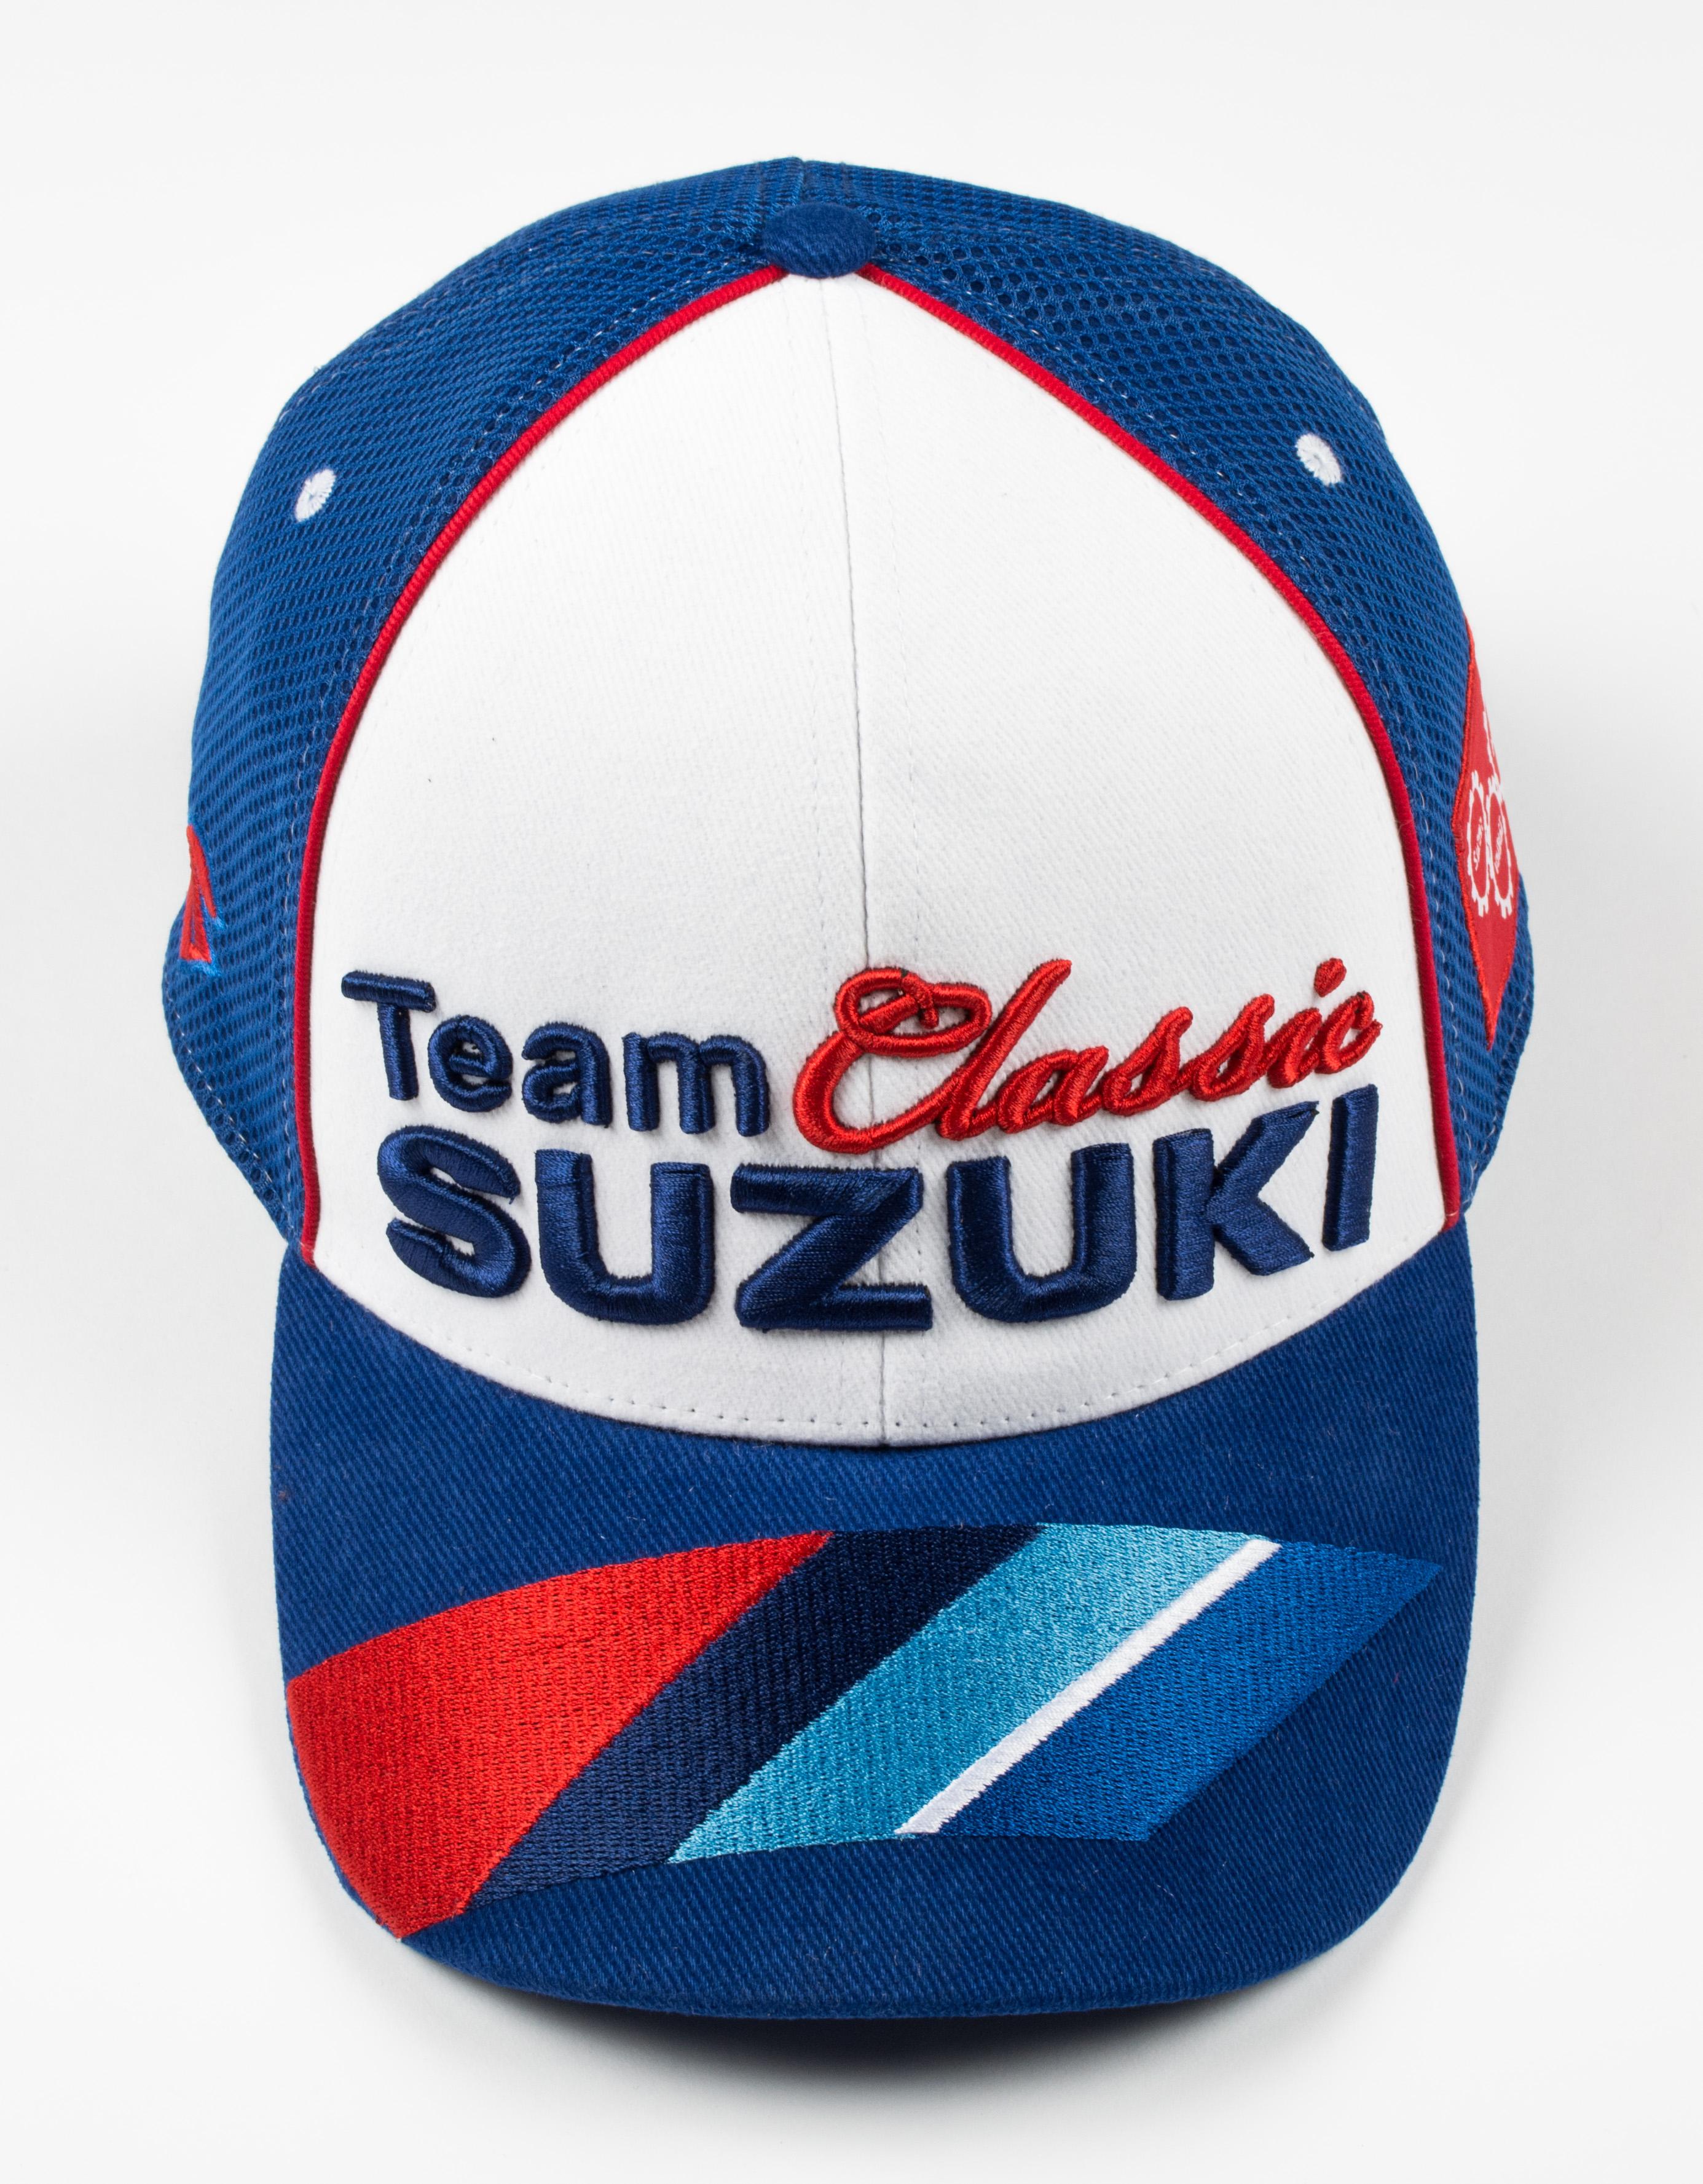 suzuki genuine team classic 2016 unisex baseball cap hat